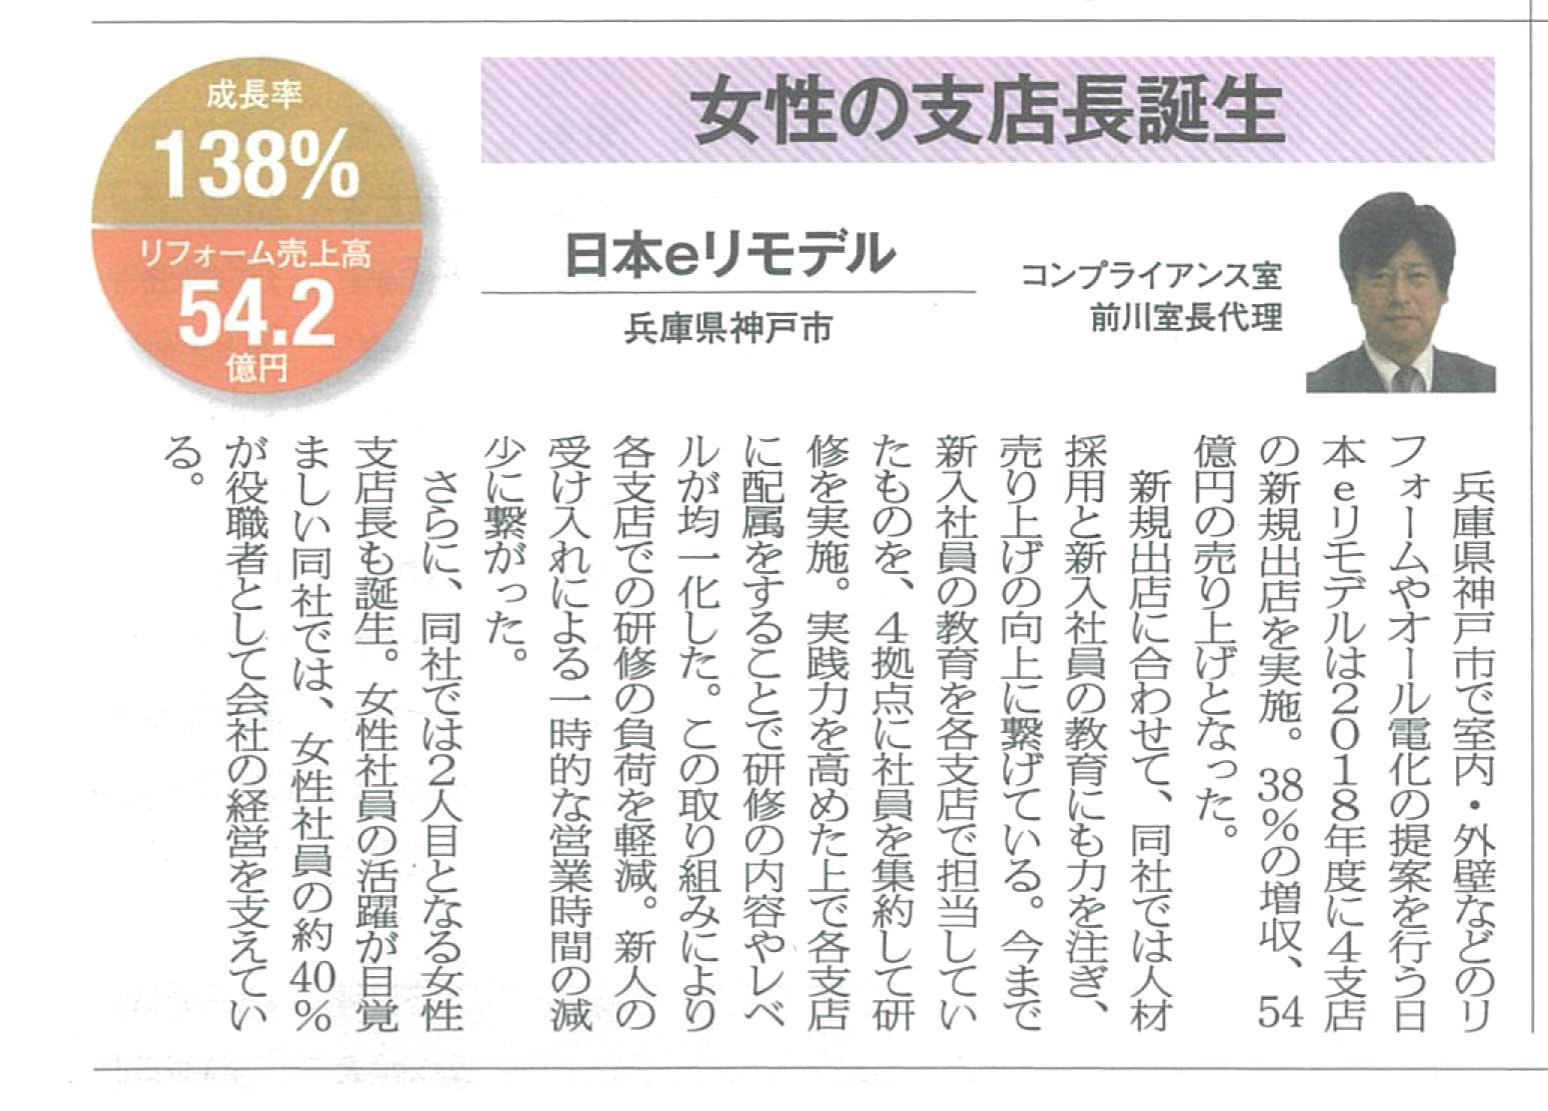 newspaper_20190930